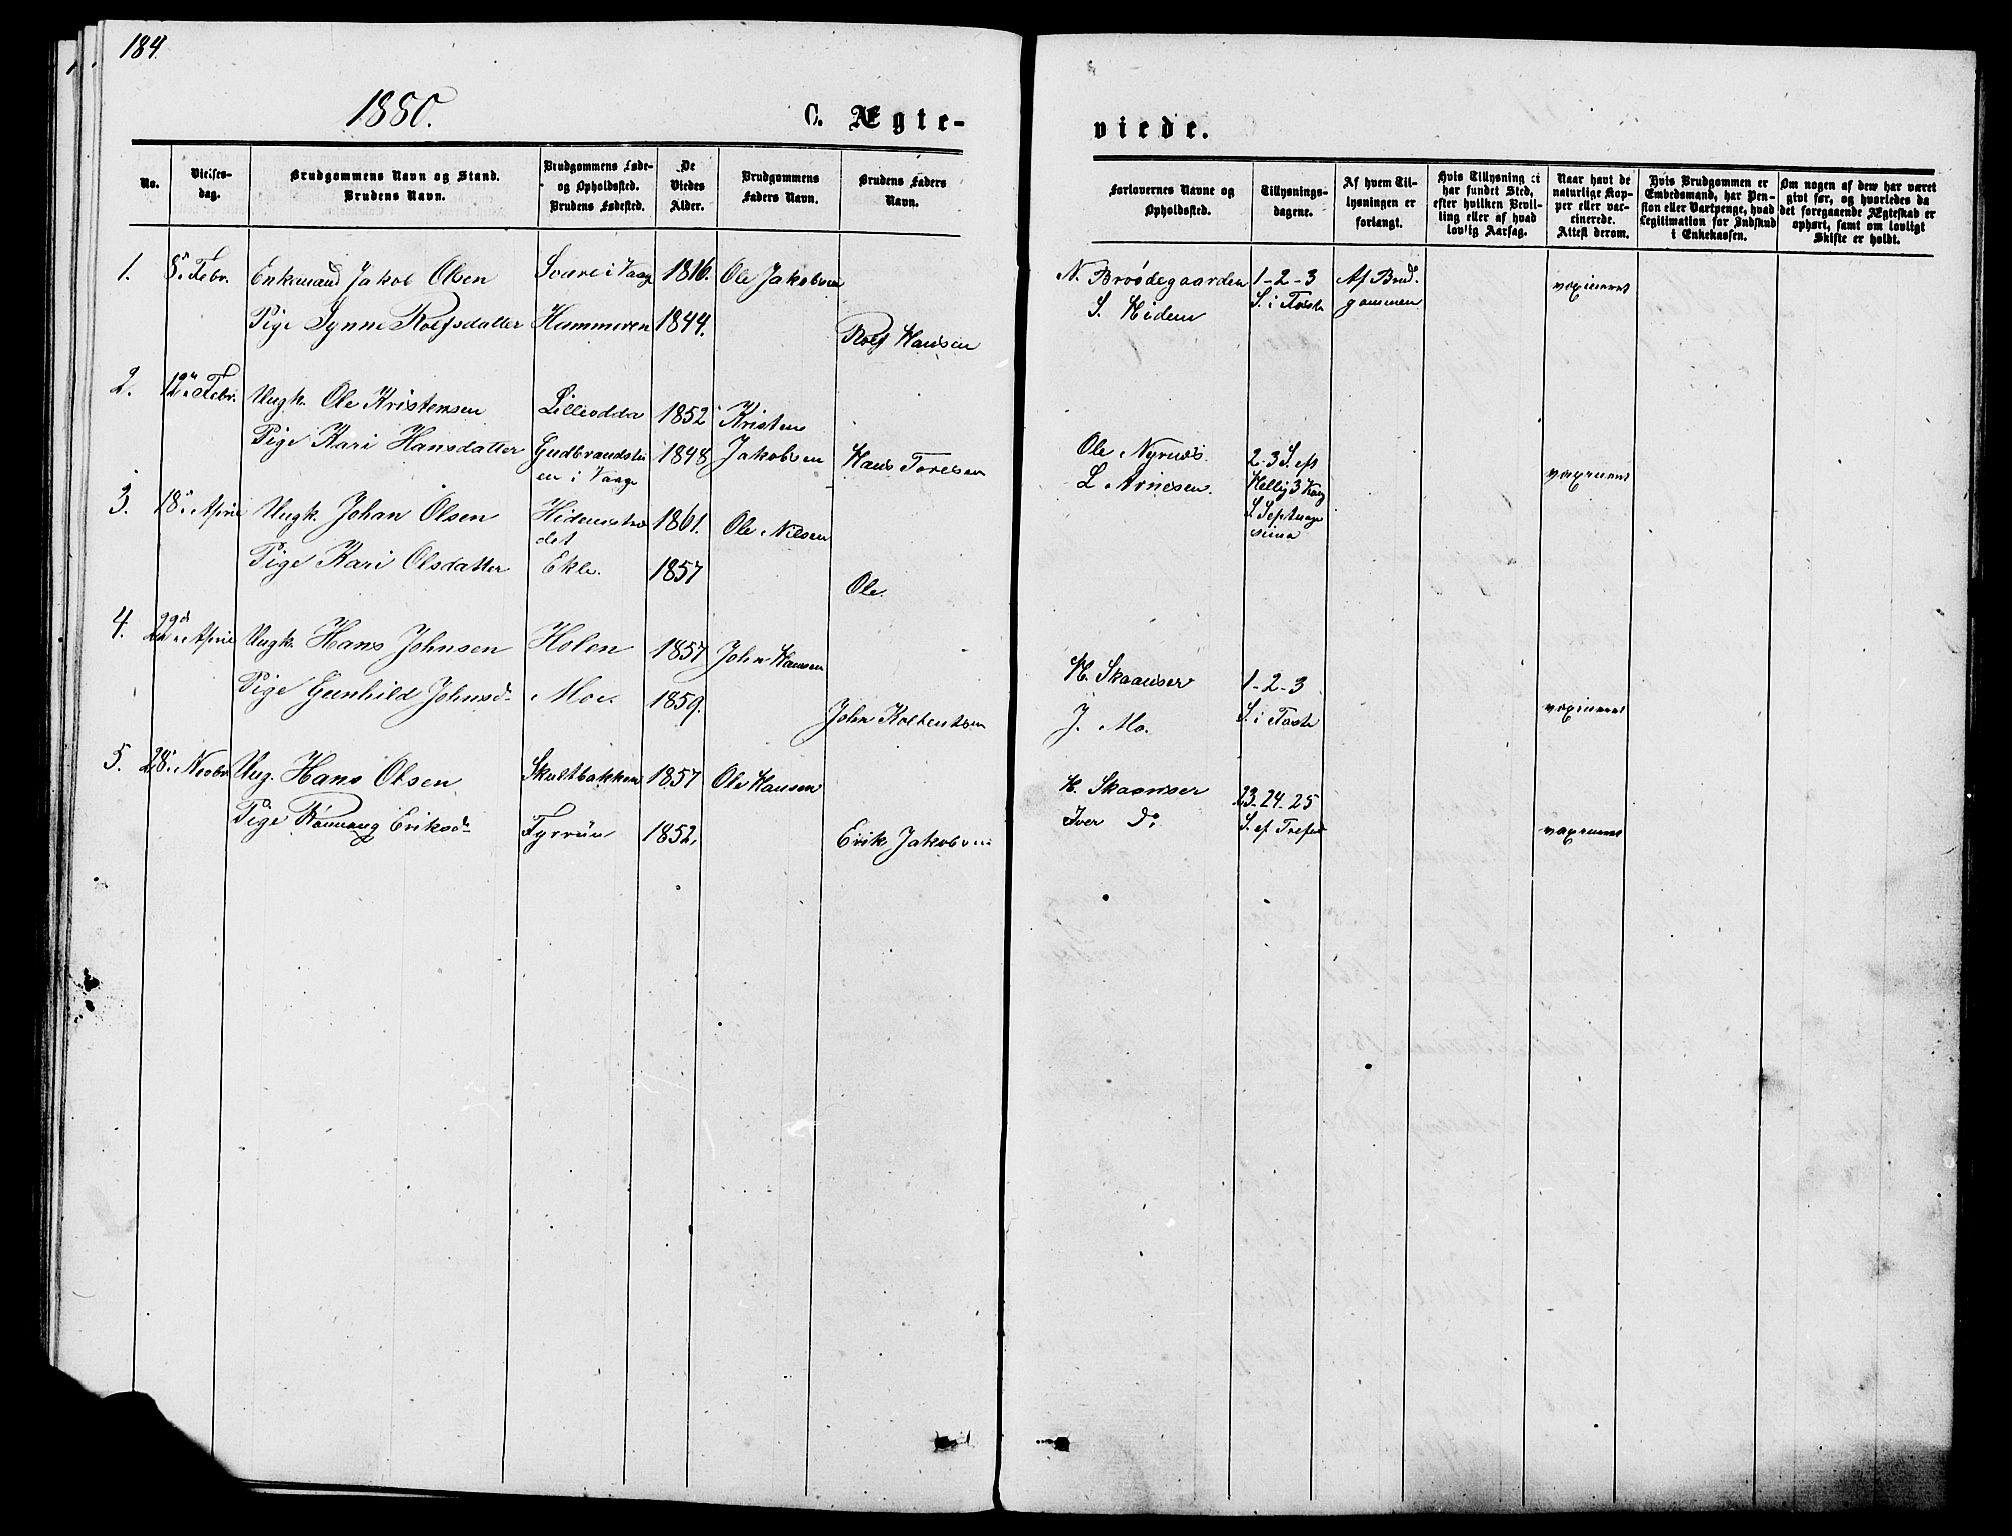 SAH, Lom prestekontor, L/L0005: Klokkerbok nr. 5, 1876-1901, s. 184-185